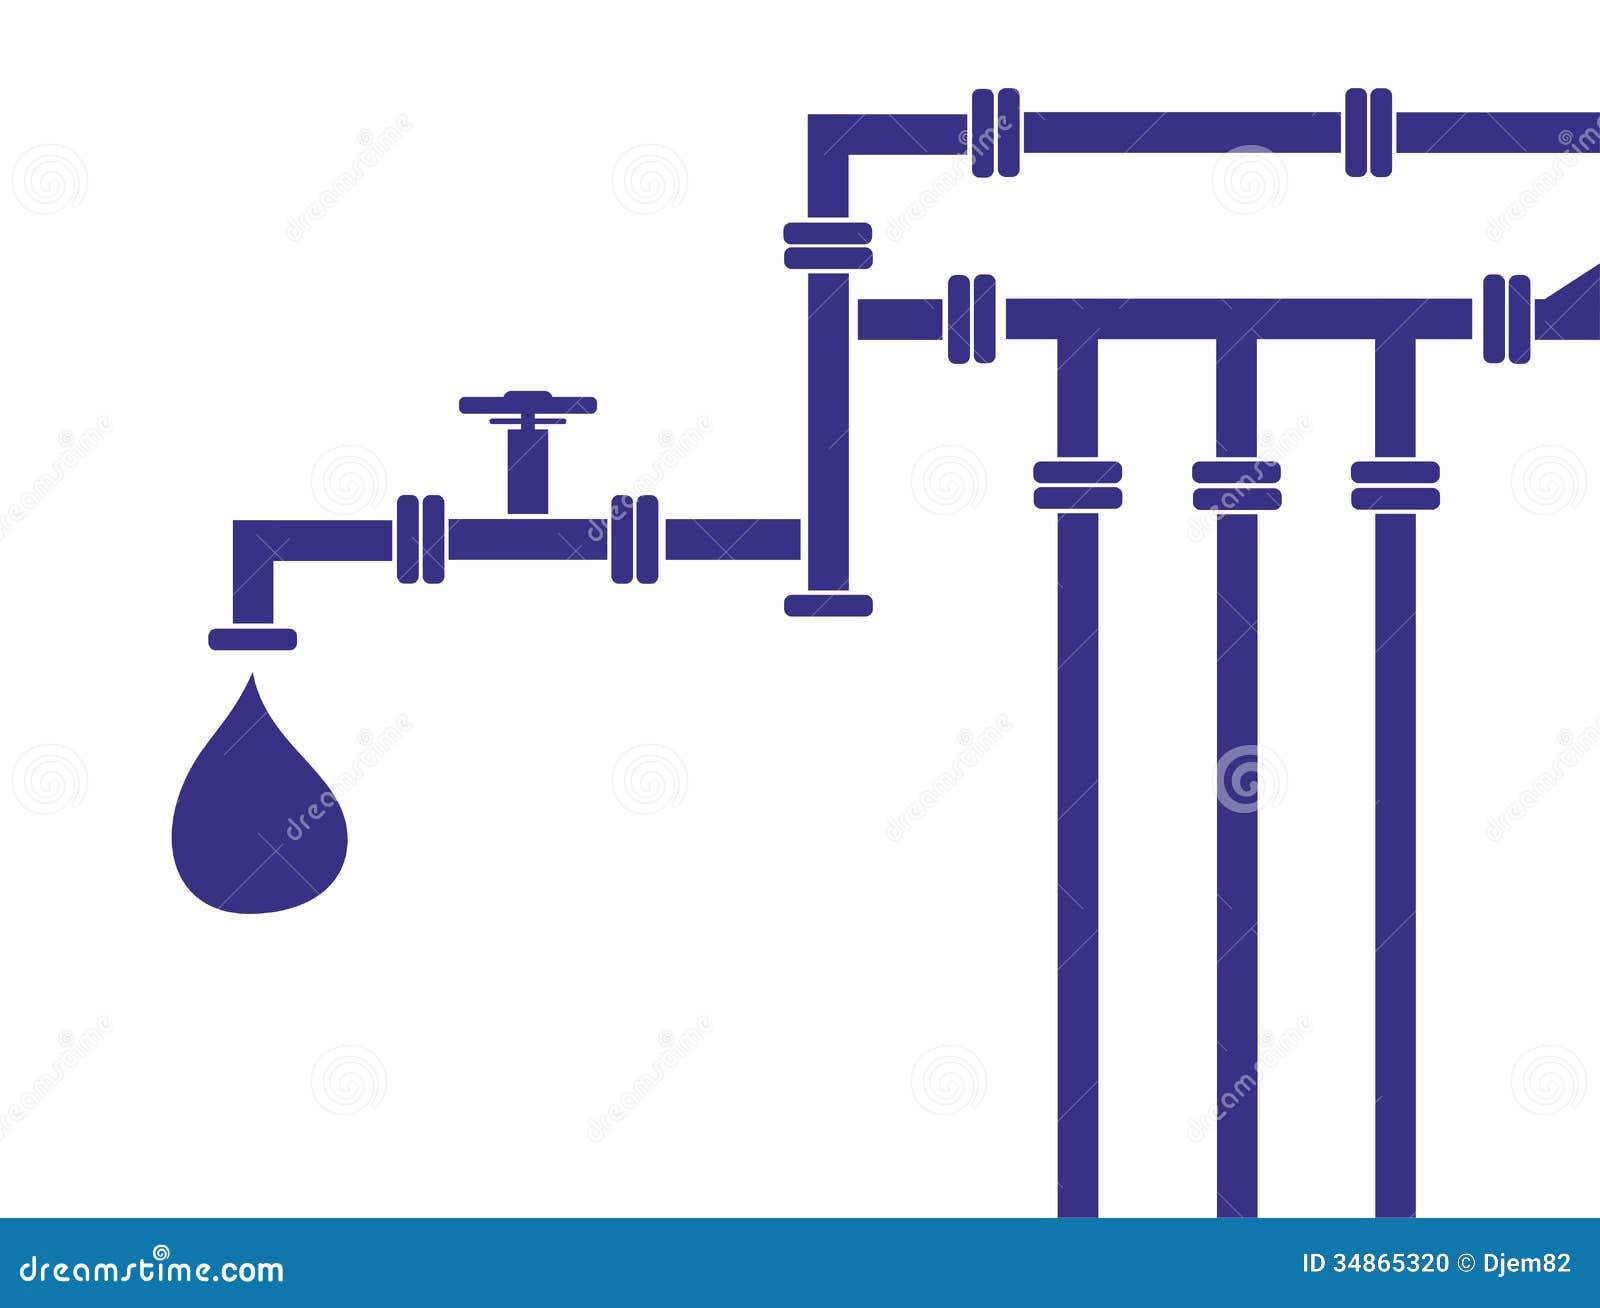 pipeline stock illustrations 13 750 pipeline stock illustrations rh dreamstime com sales pipeline clipart oil pipeline clipart